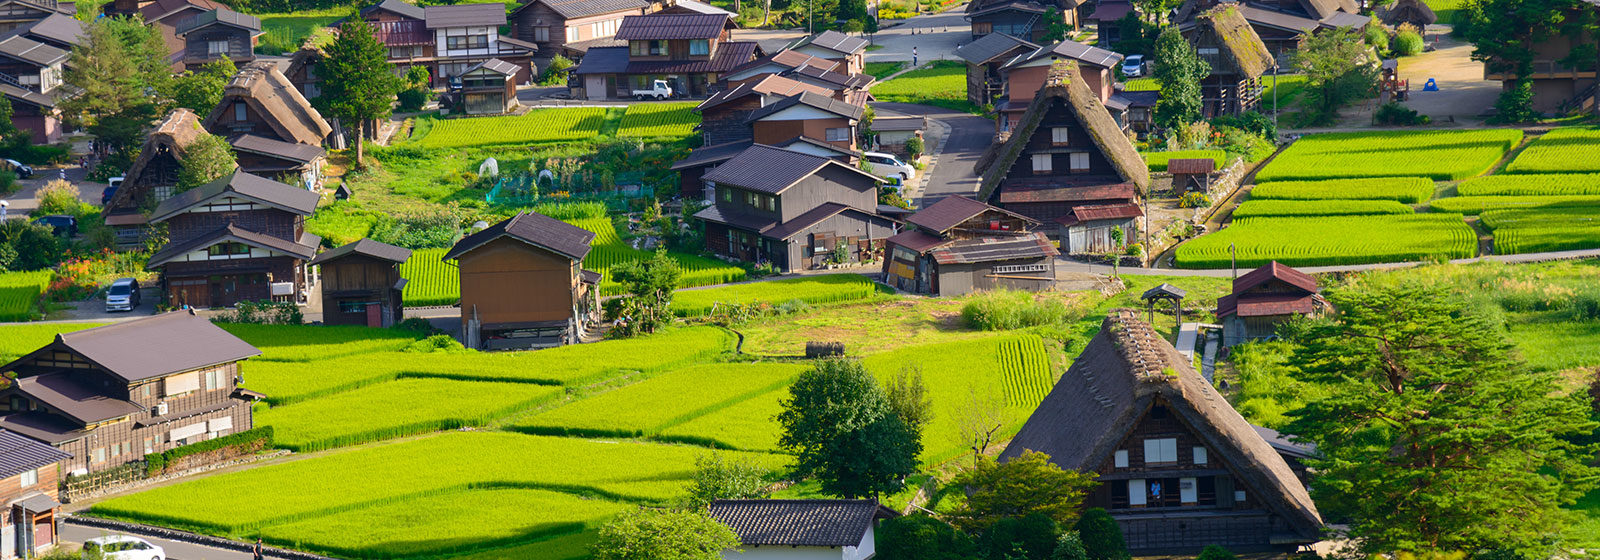 Koncert Japánban – Shirakawa